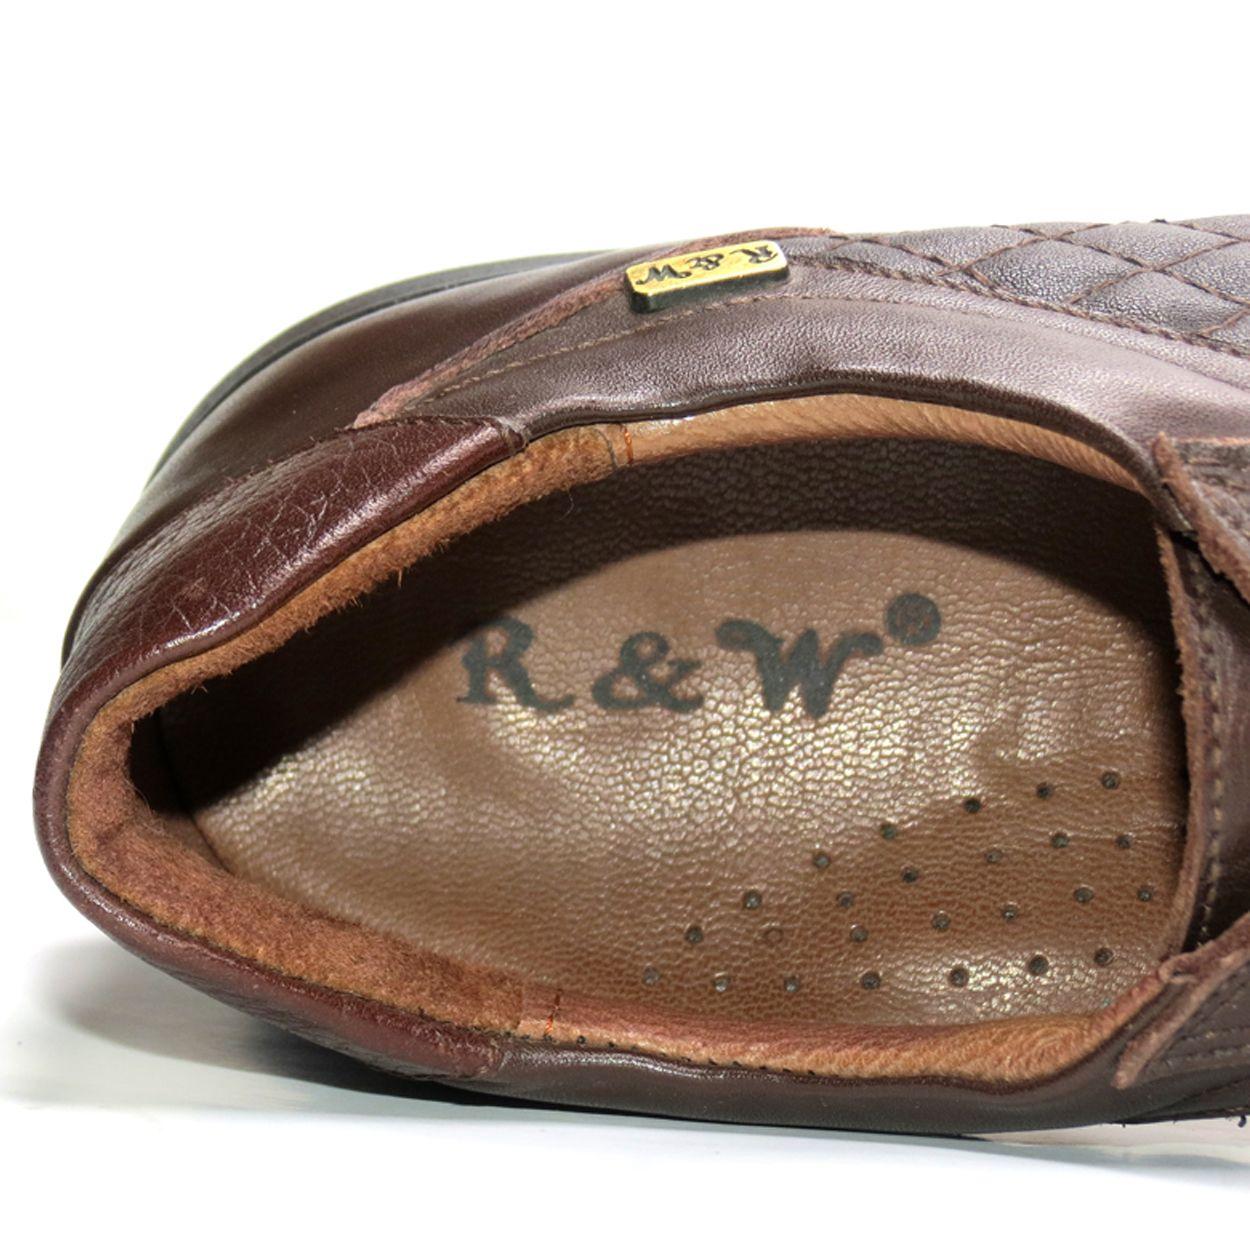 کفش روزمره زنانه آر اند دبلیو مدل 761 رنگ قهوه ای -  - 9